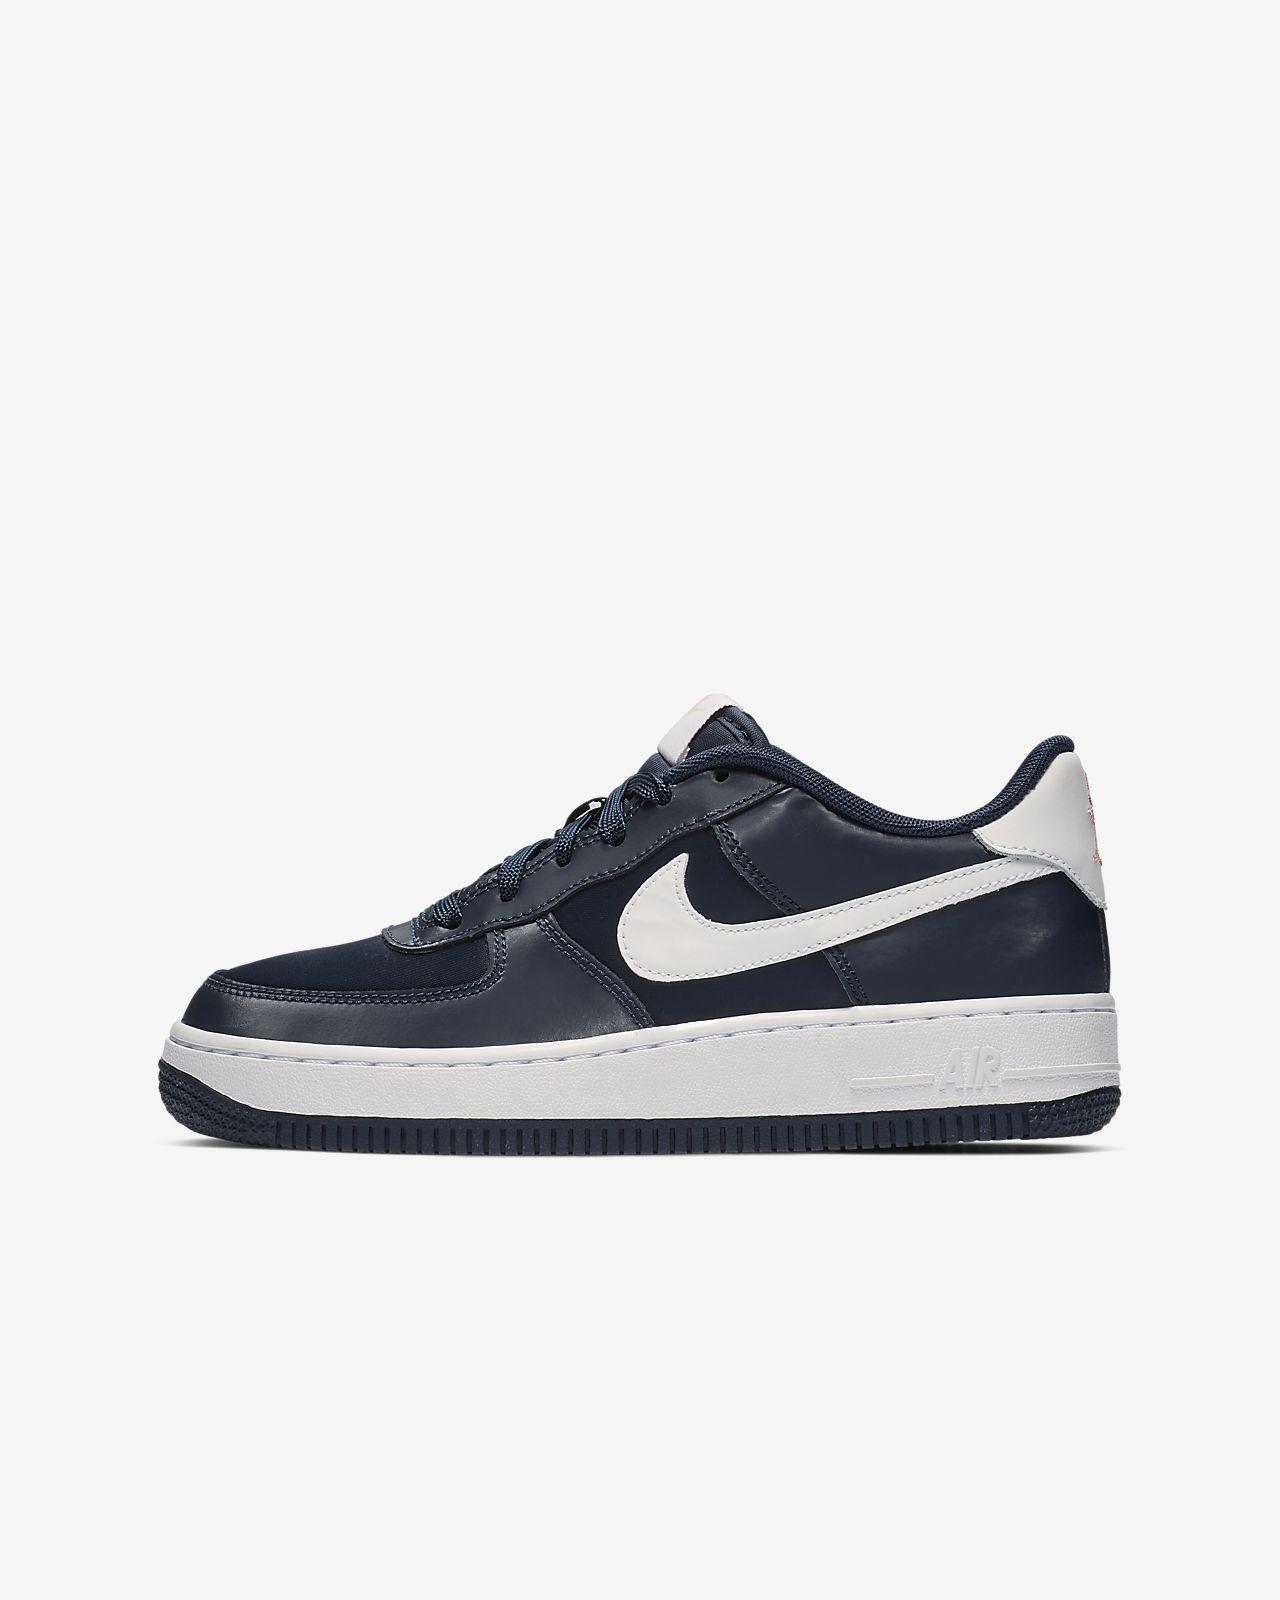 reputable site 10bfc 276f4 ... Chaussure Nike Air Force 1 VDAY pour Enfant plus âgé